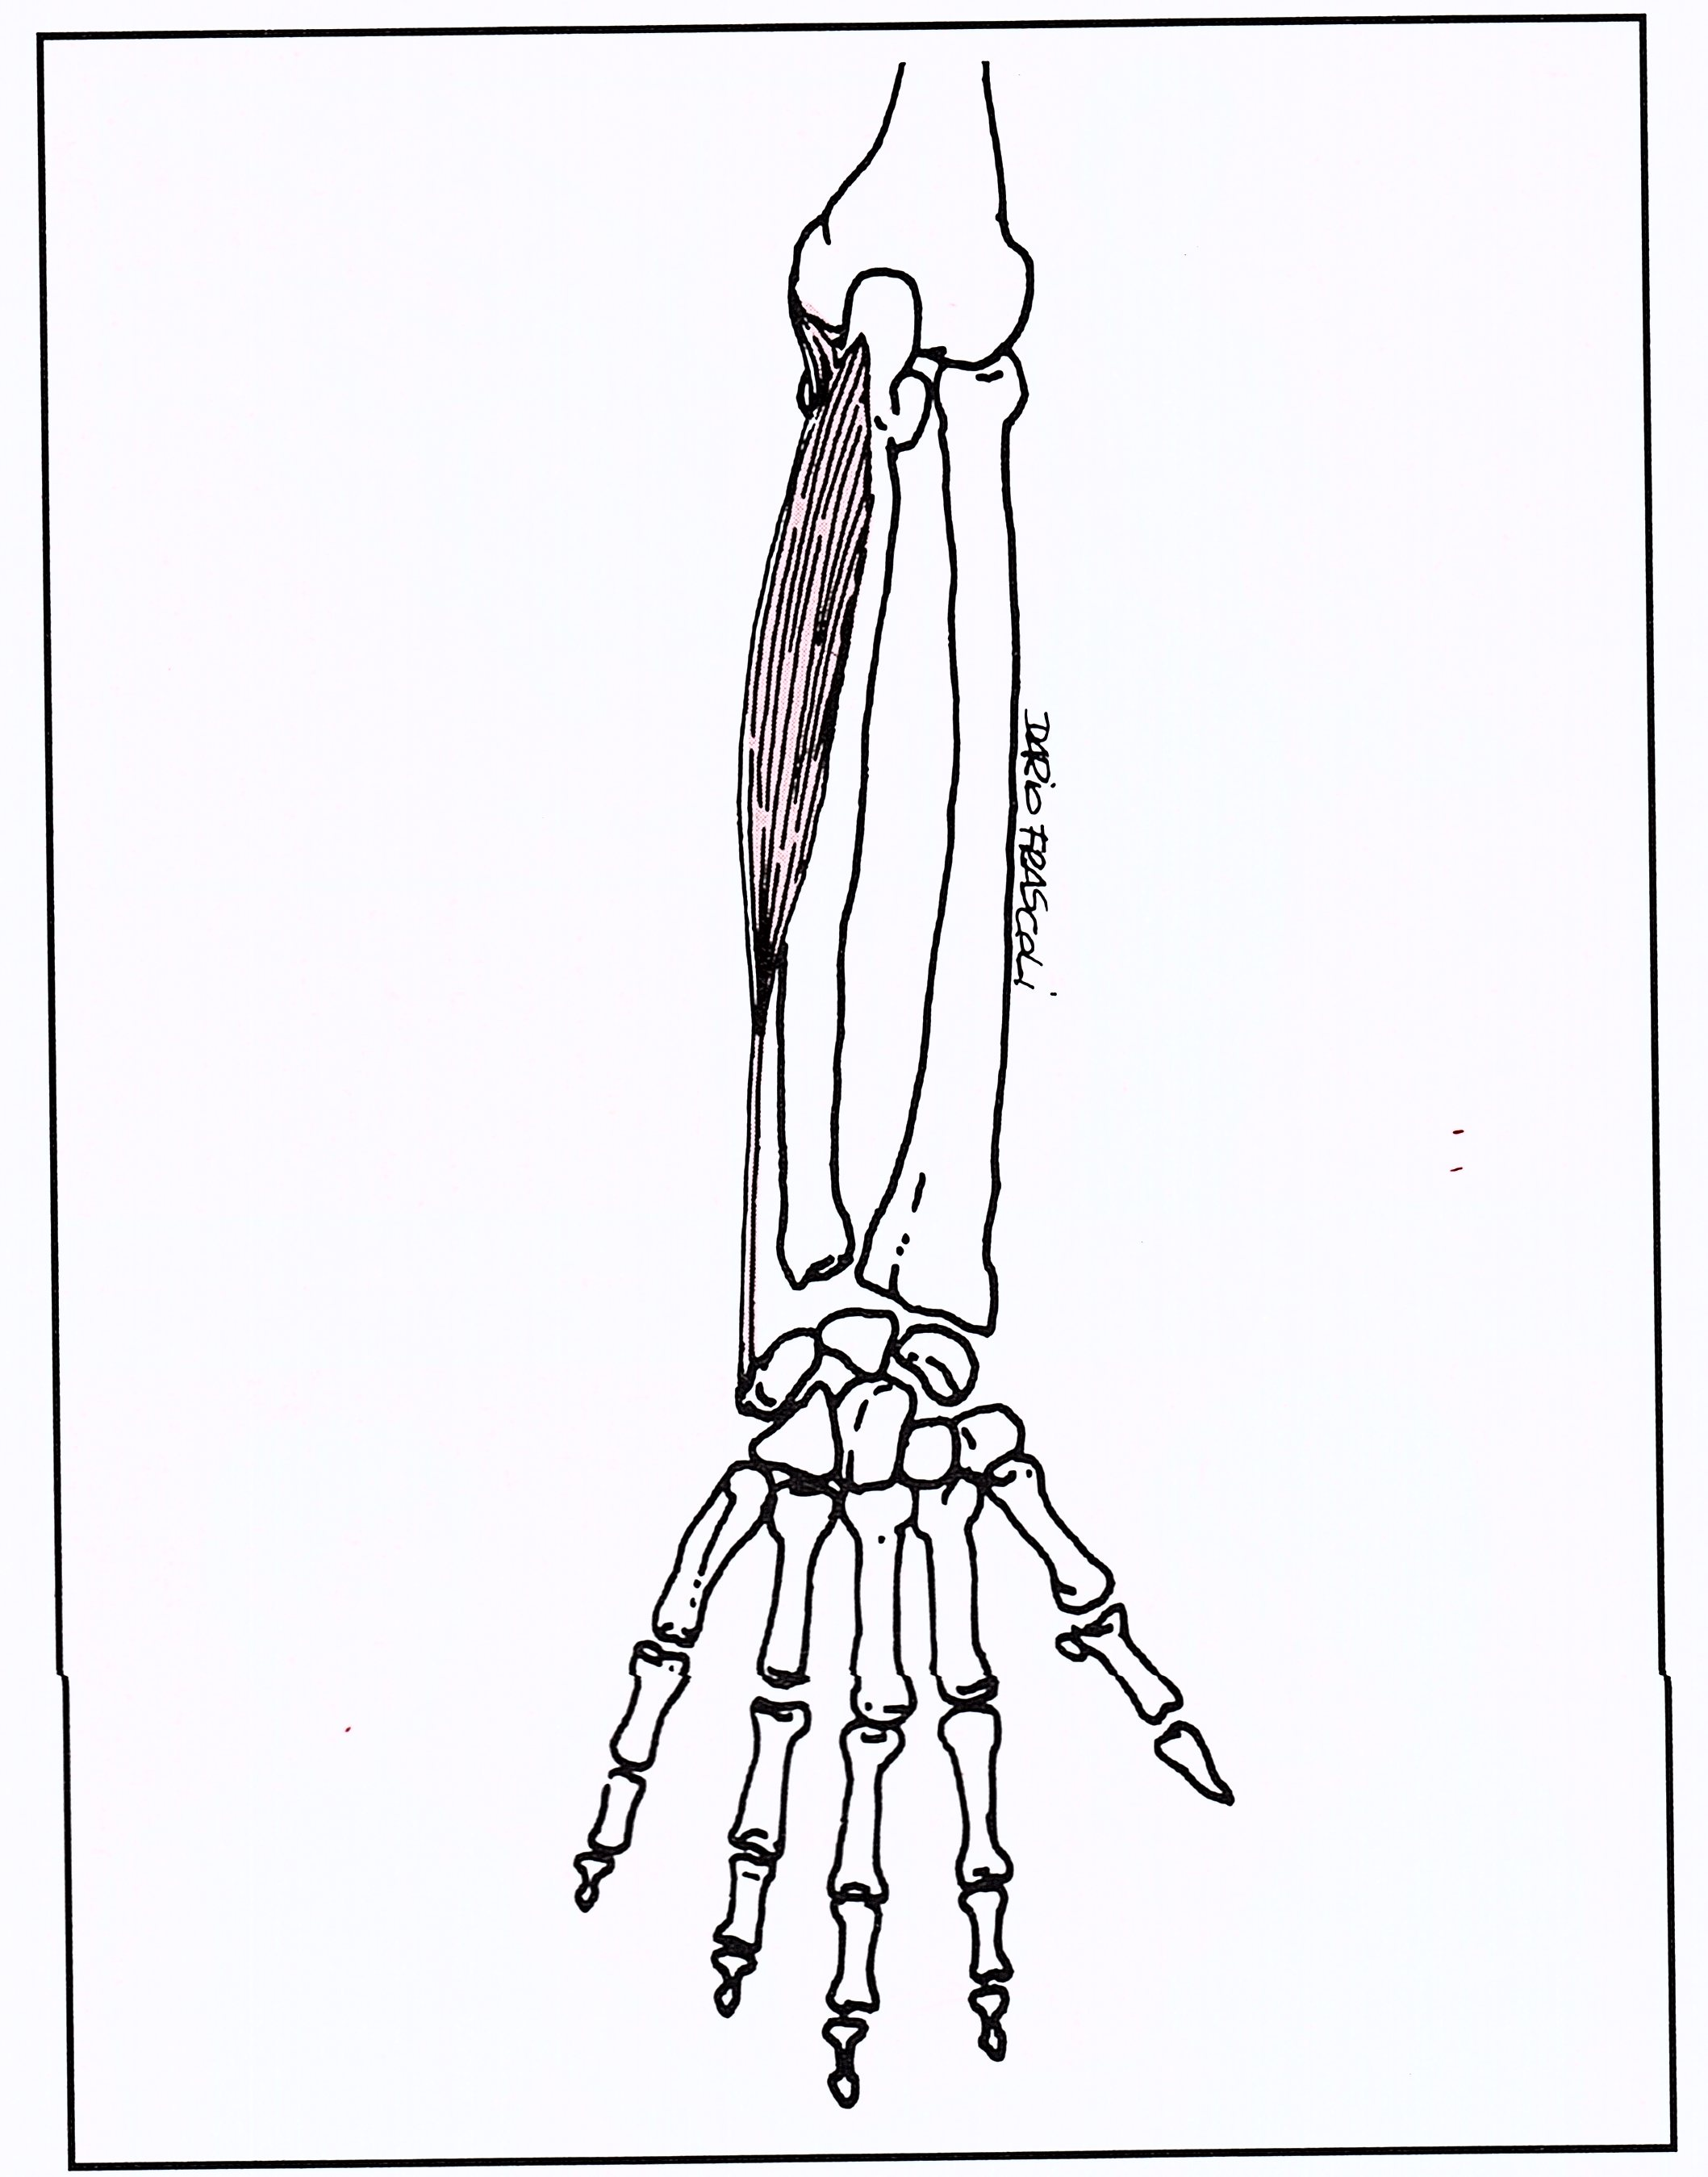 Flessori braccio